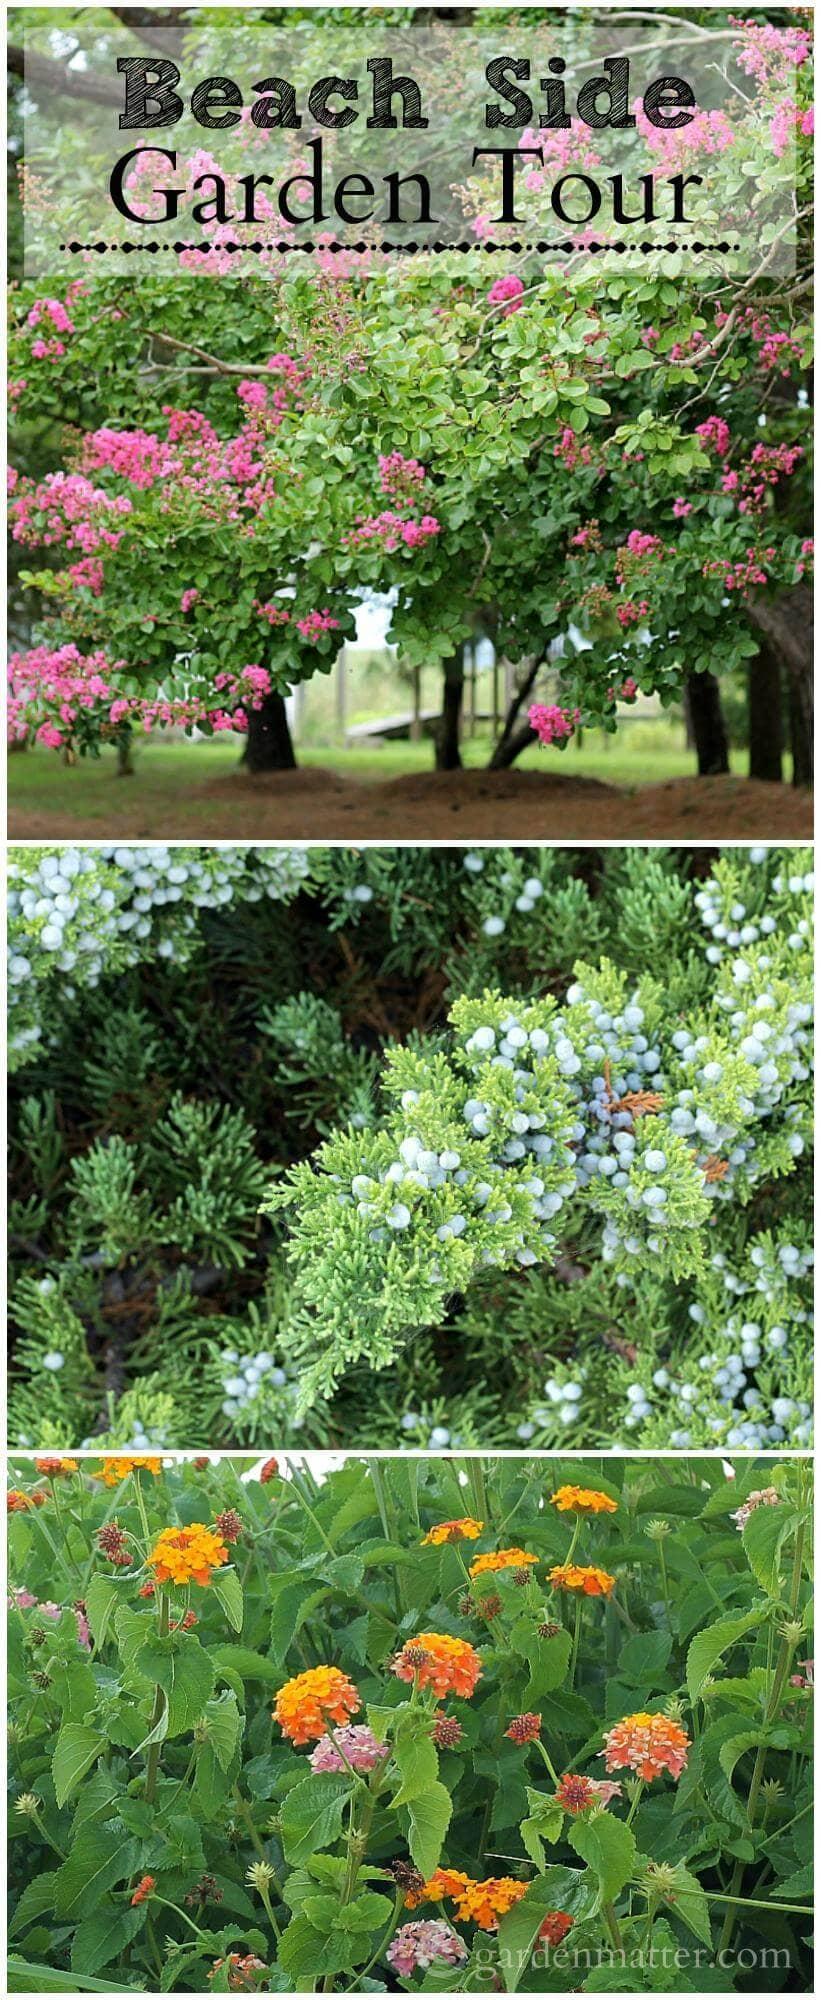 Enjoy a garden tour of plants growing at the beach in Sandbridge Virginia